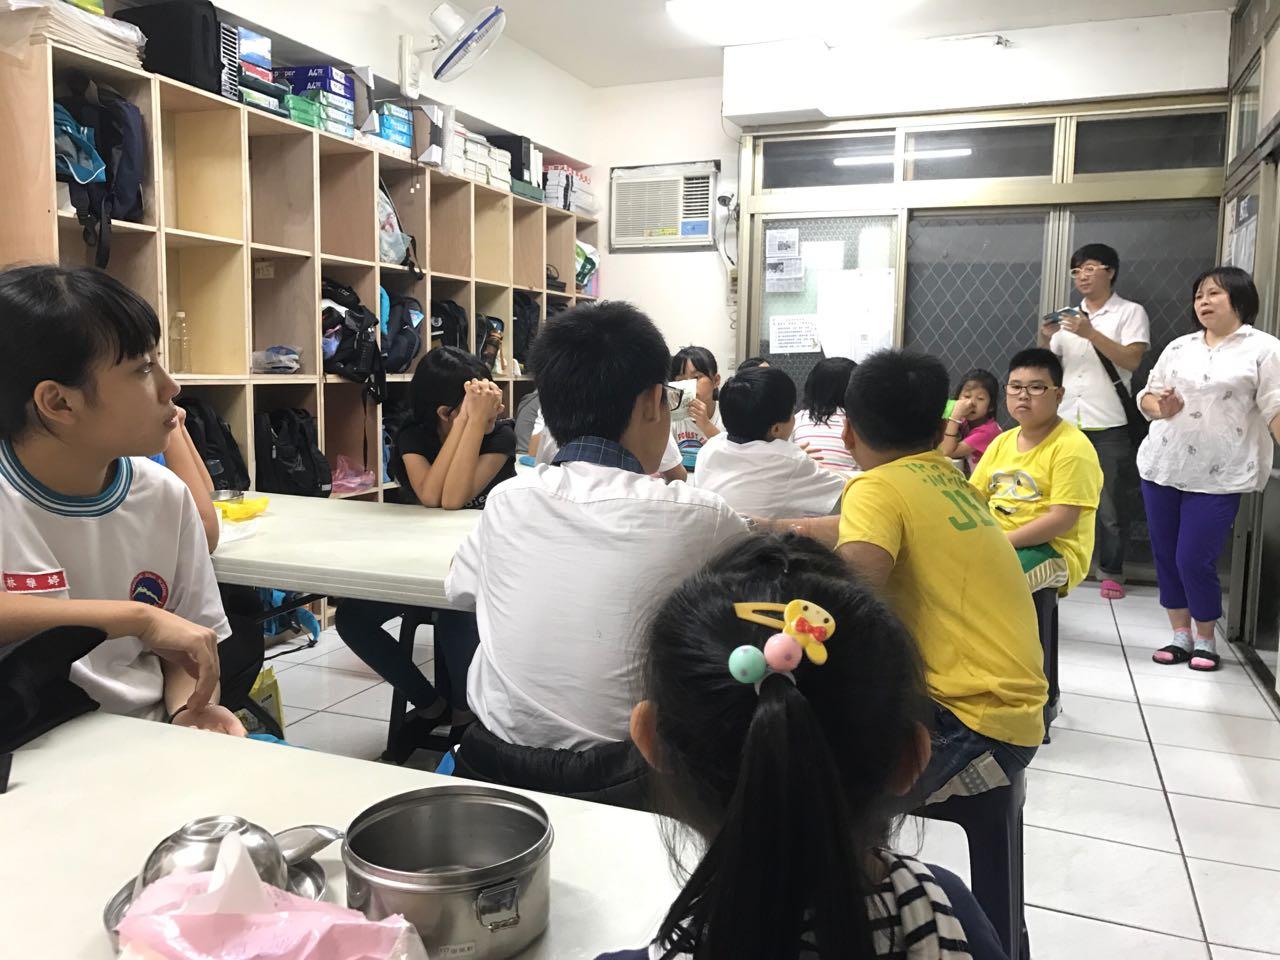 老師黃淑如組織孩子們吃飯。攝影/郝一鳴